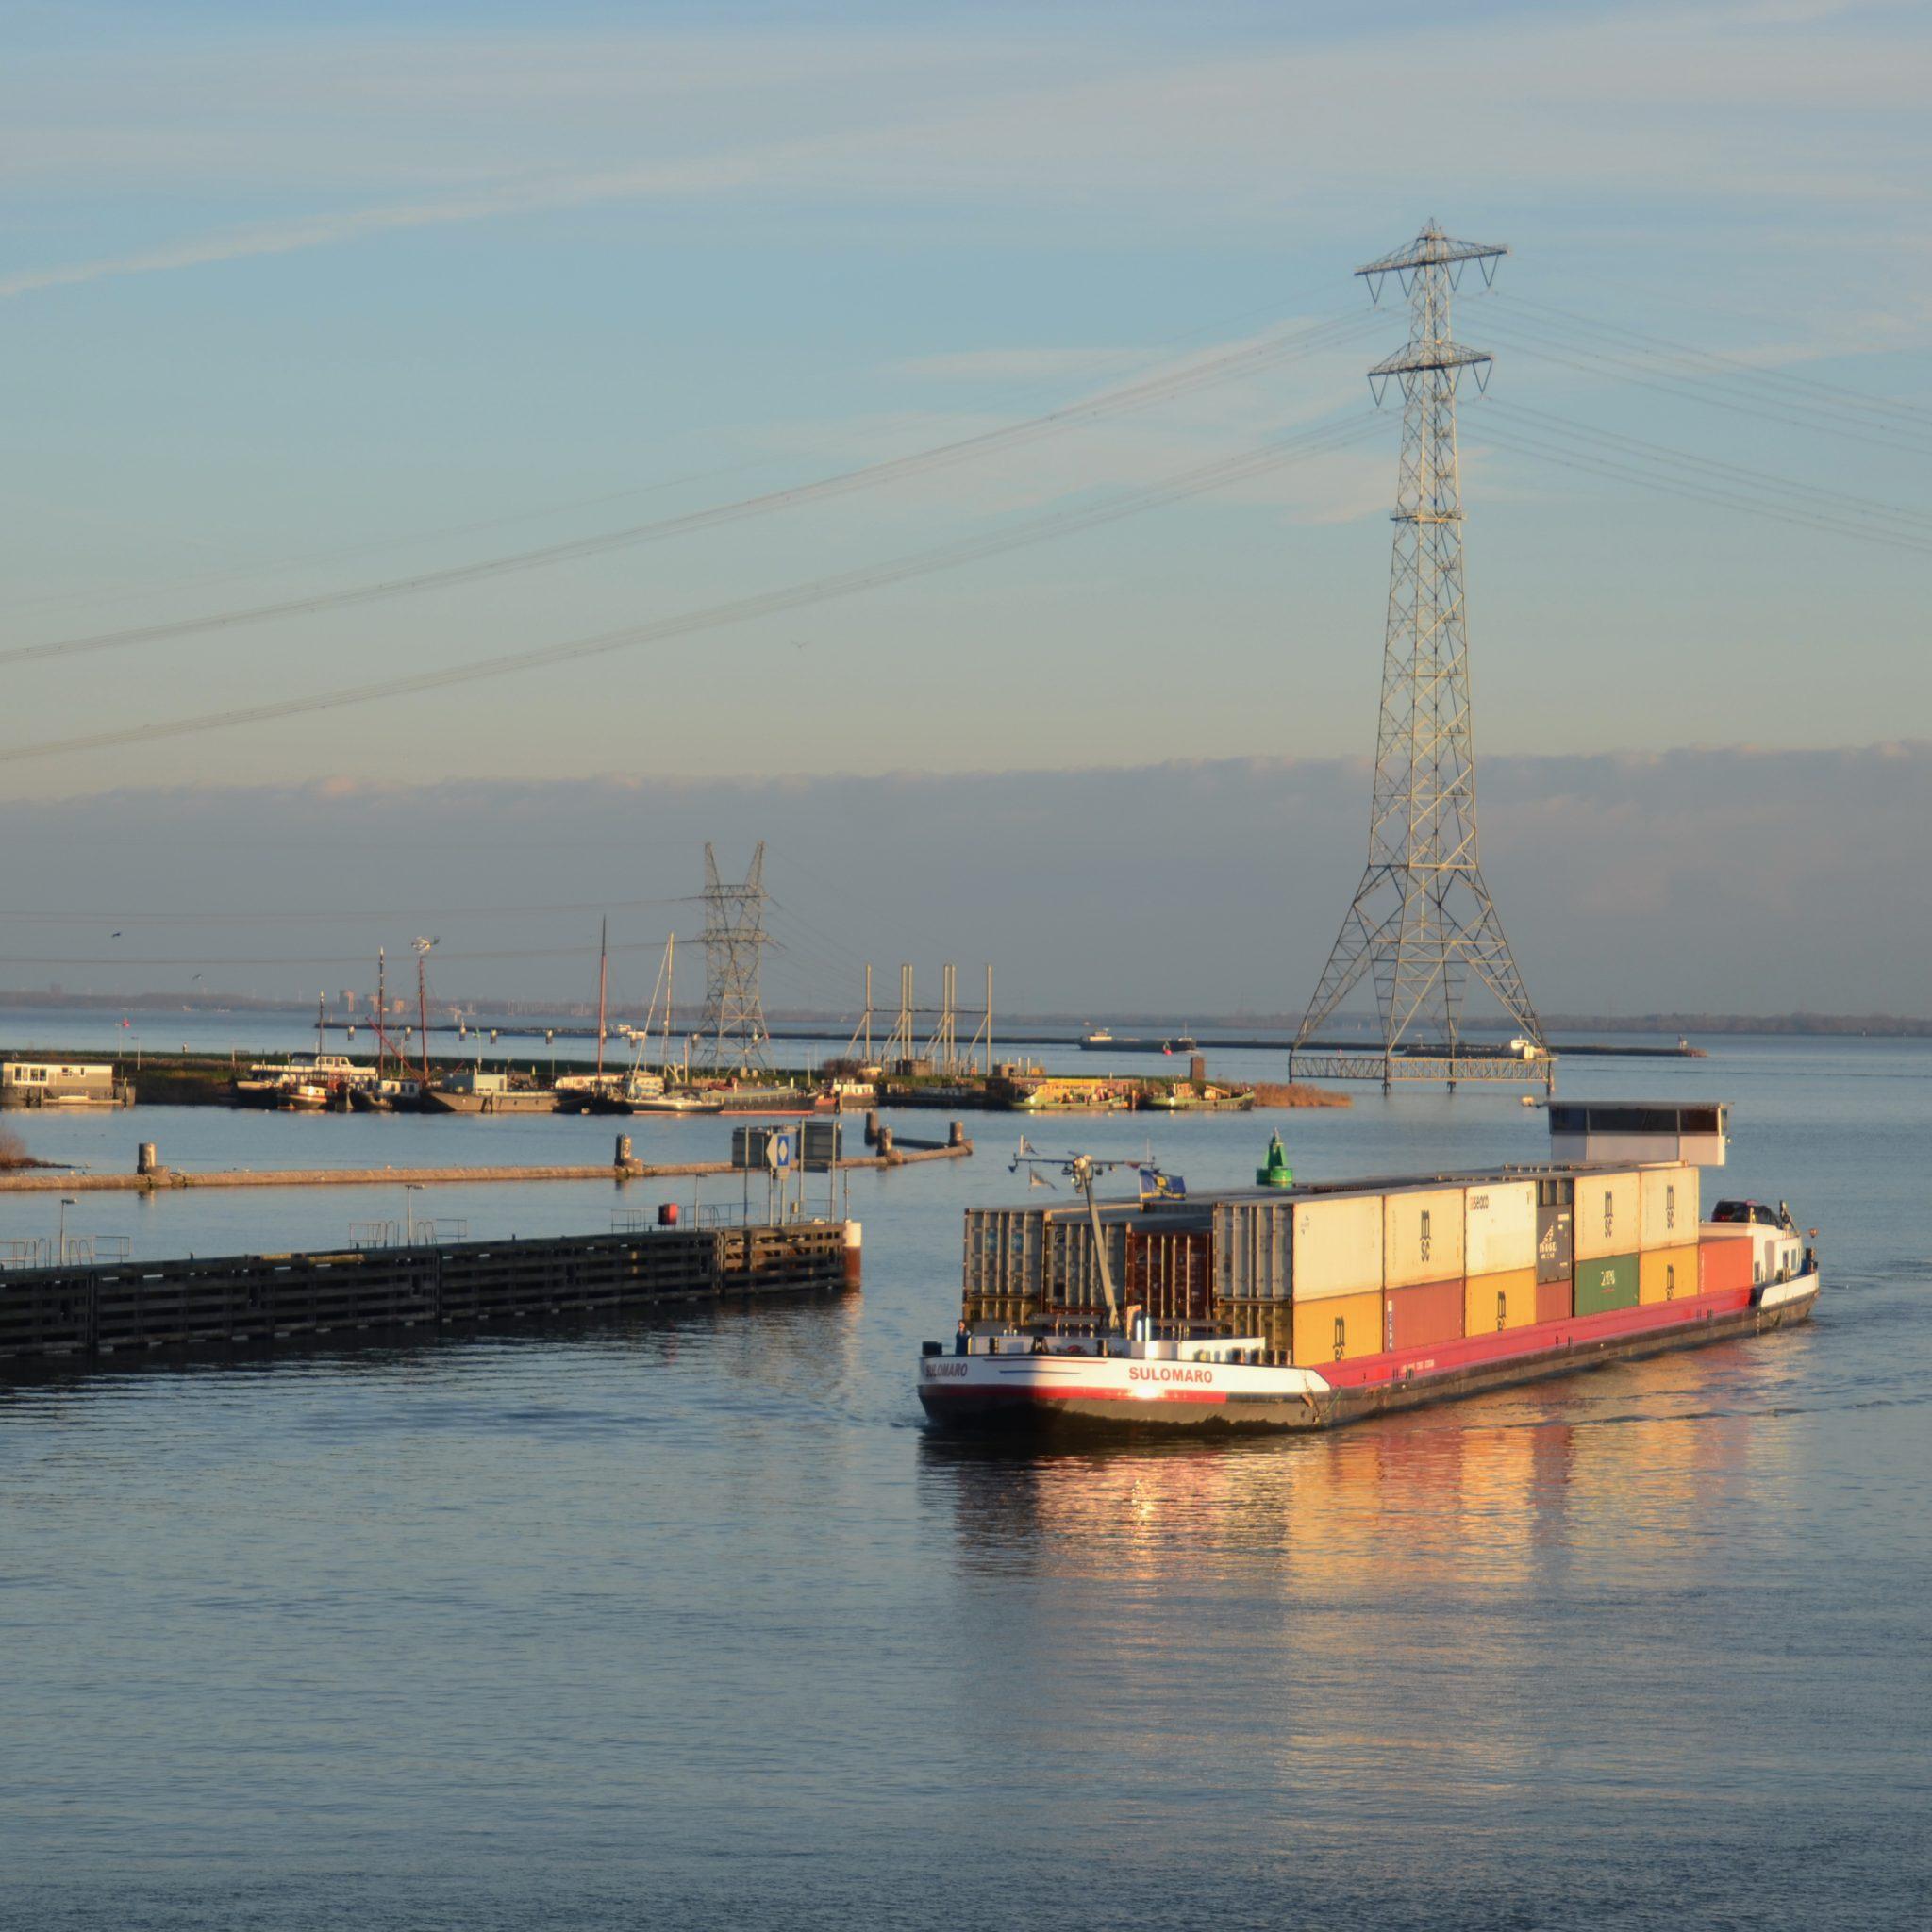 De Sulomaro gaat over het IJsselmeer (Foto Panoramio)